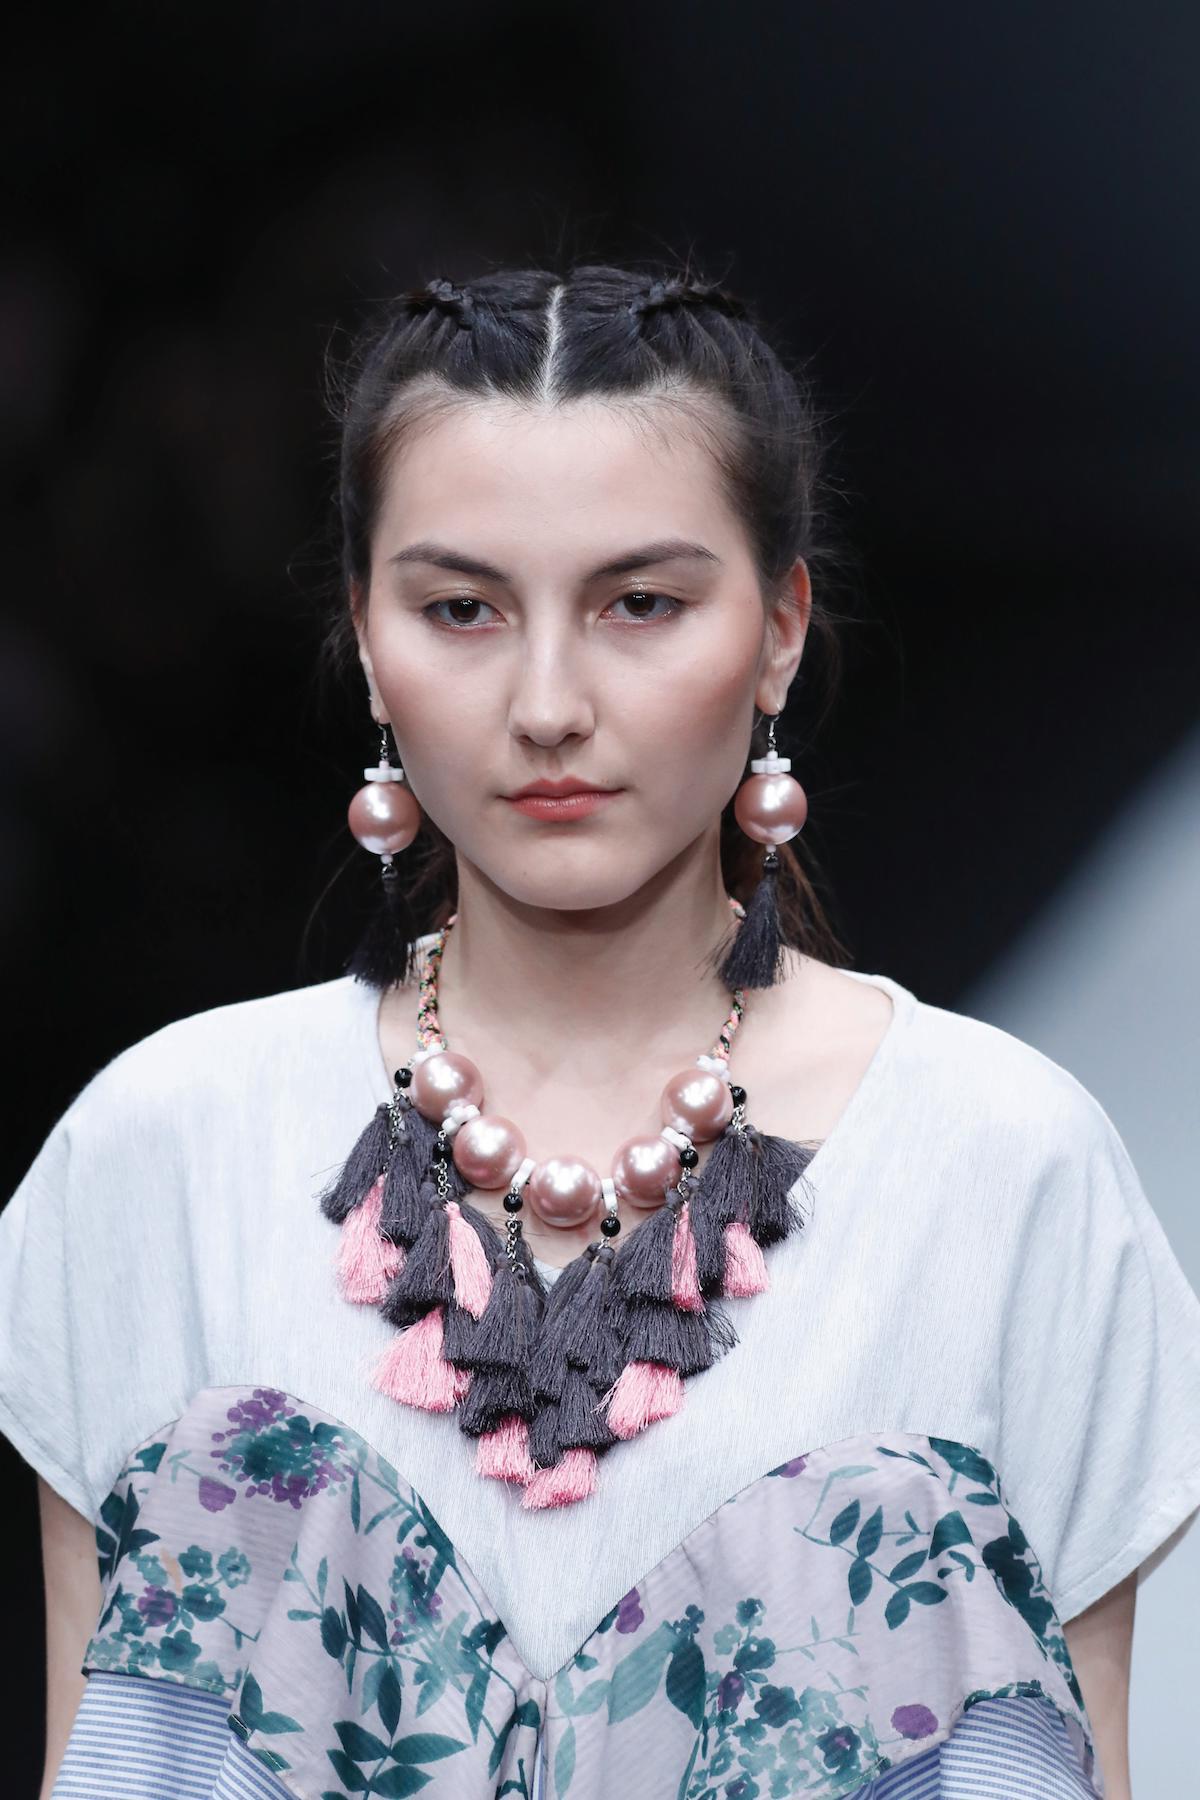 8. wanita kaukasia dengan model rambut kepang untuk pesta double dutch braid